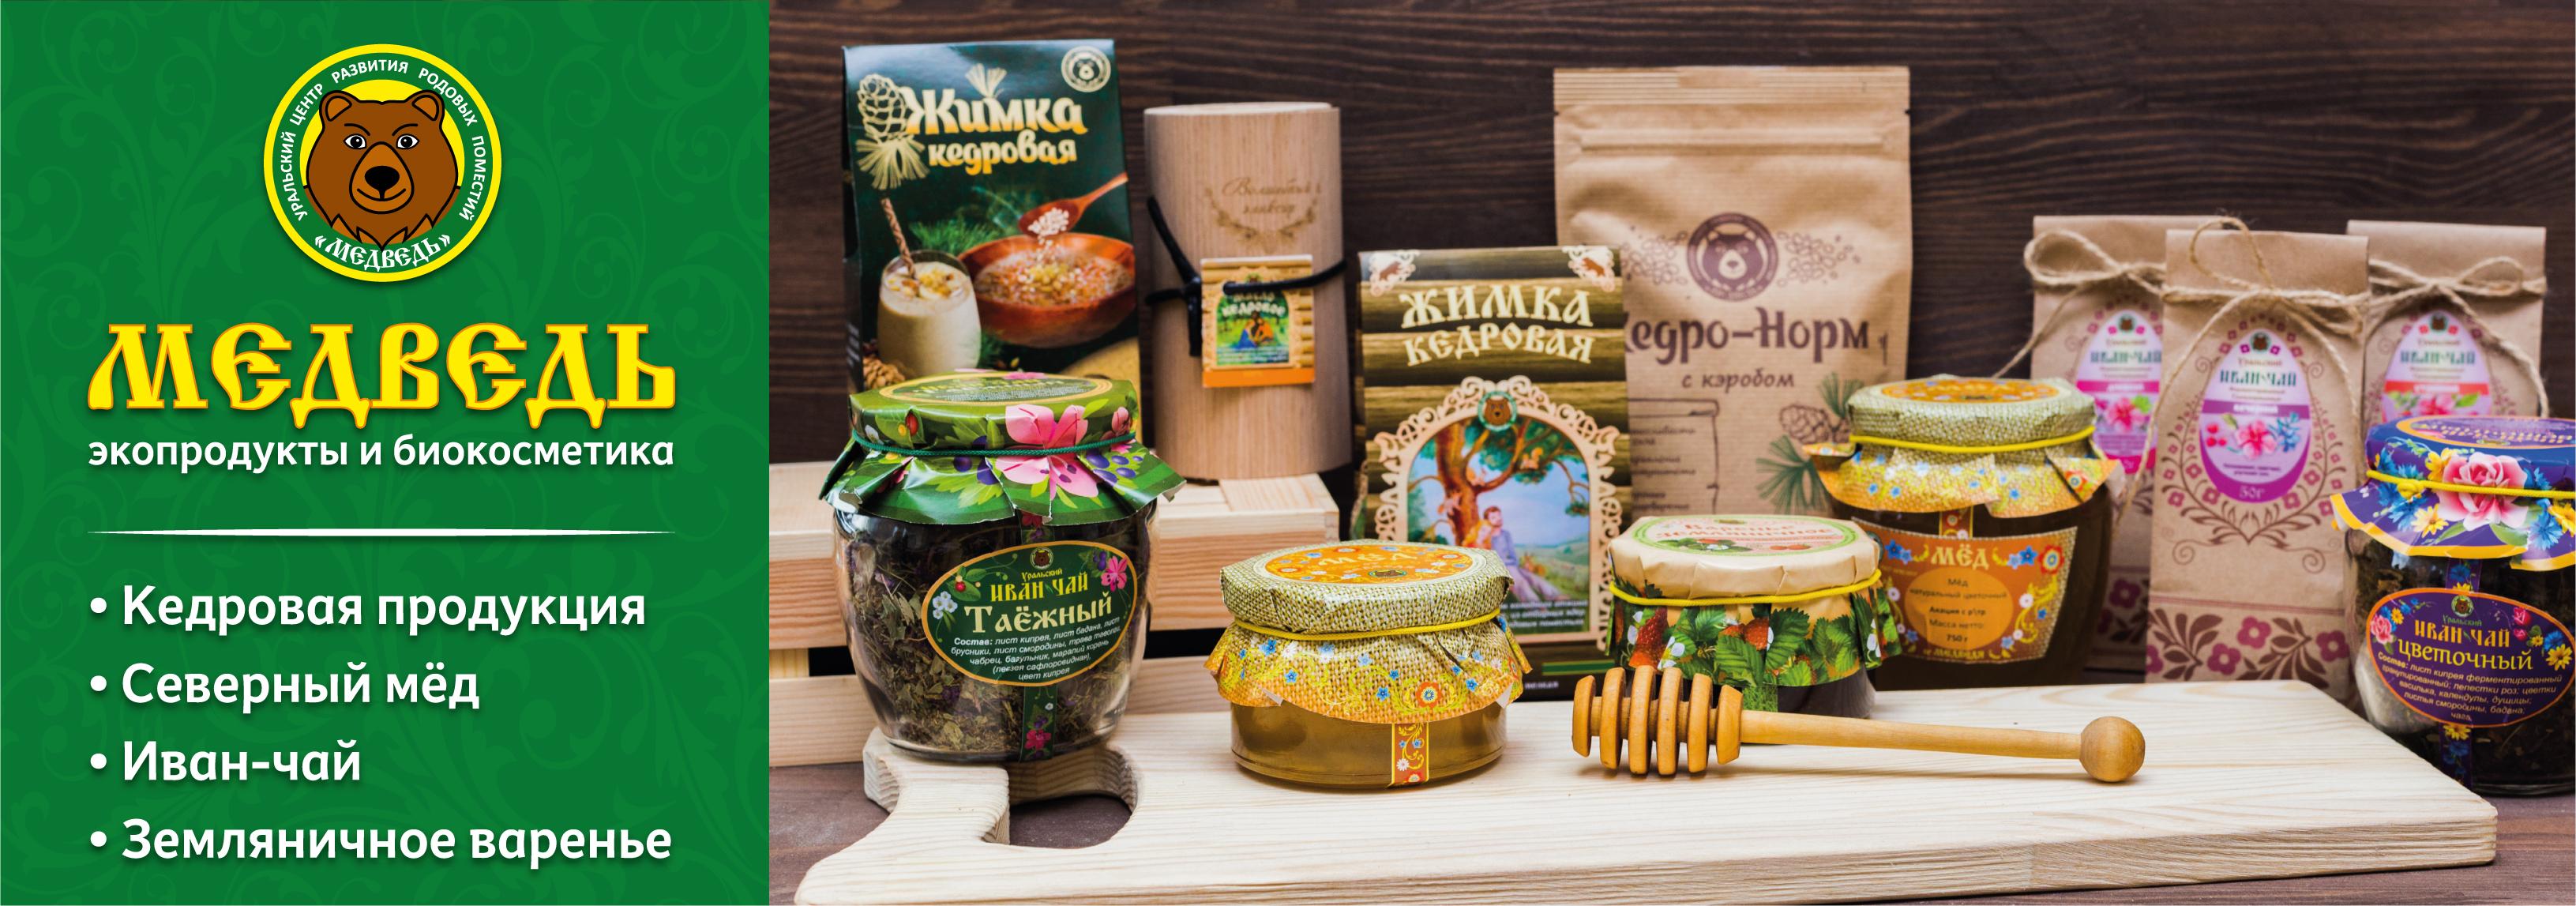 Медведь - эко-продукты из Сибири